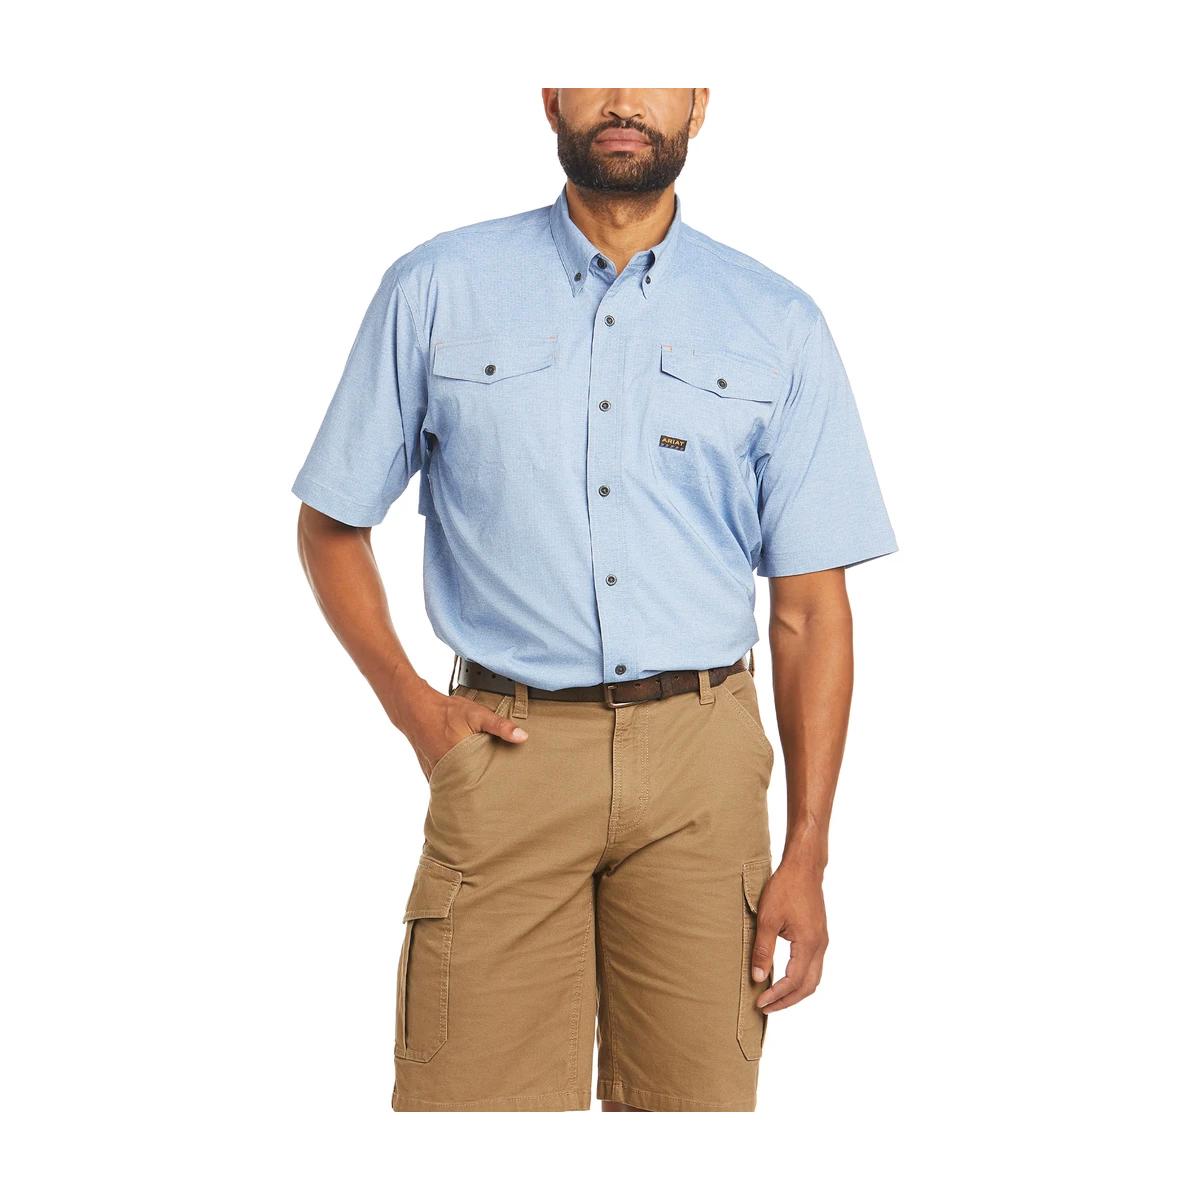 Men's Rebar Made Tough VentTEK Blue Stretch Work Shirt, Heather Blue, swatch